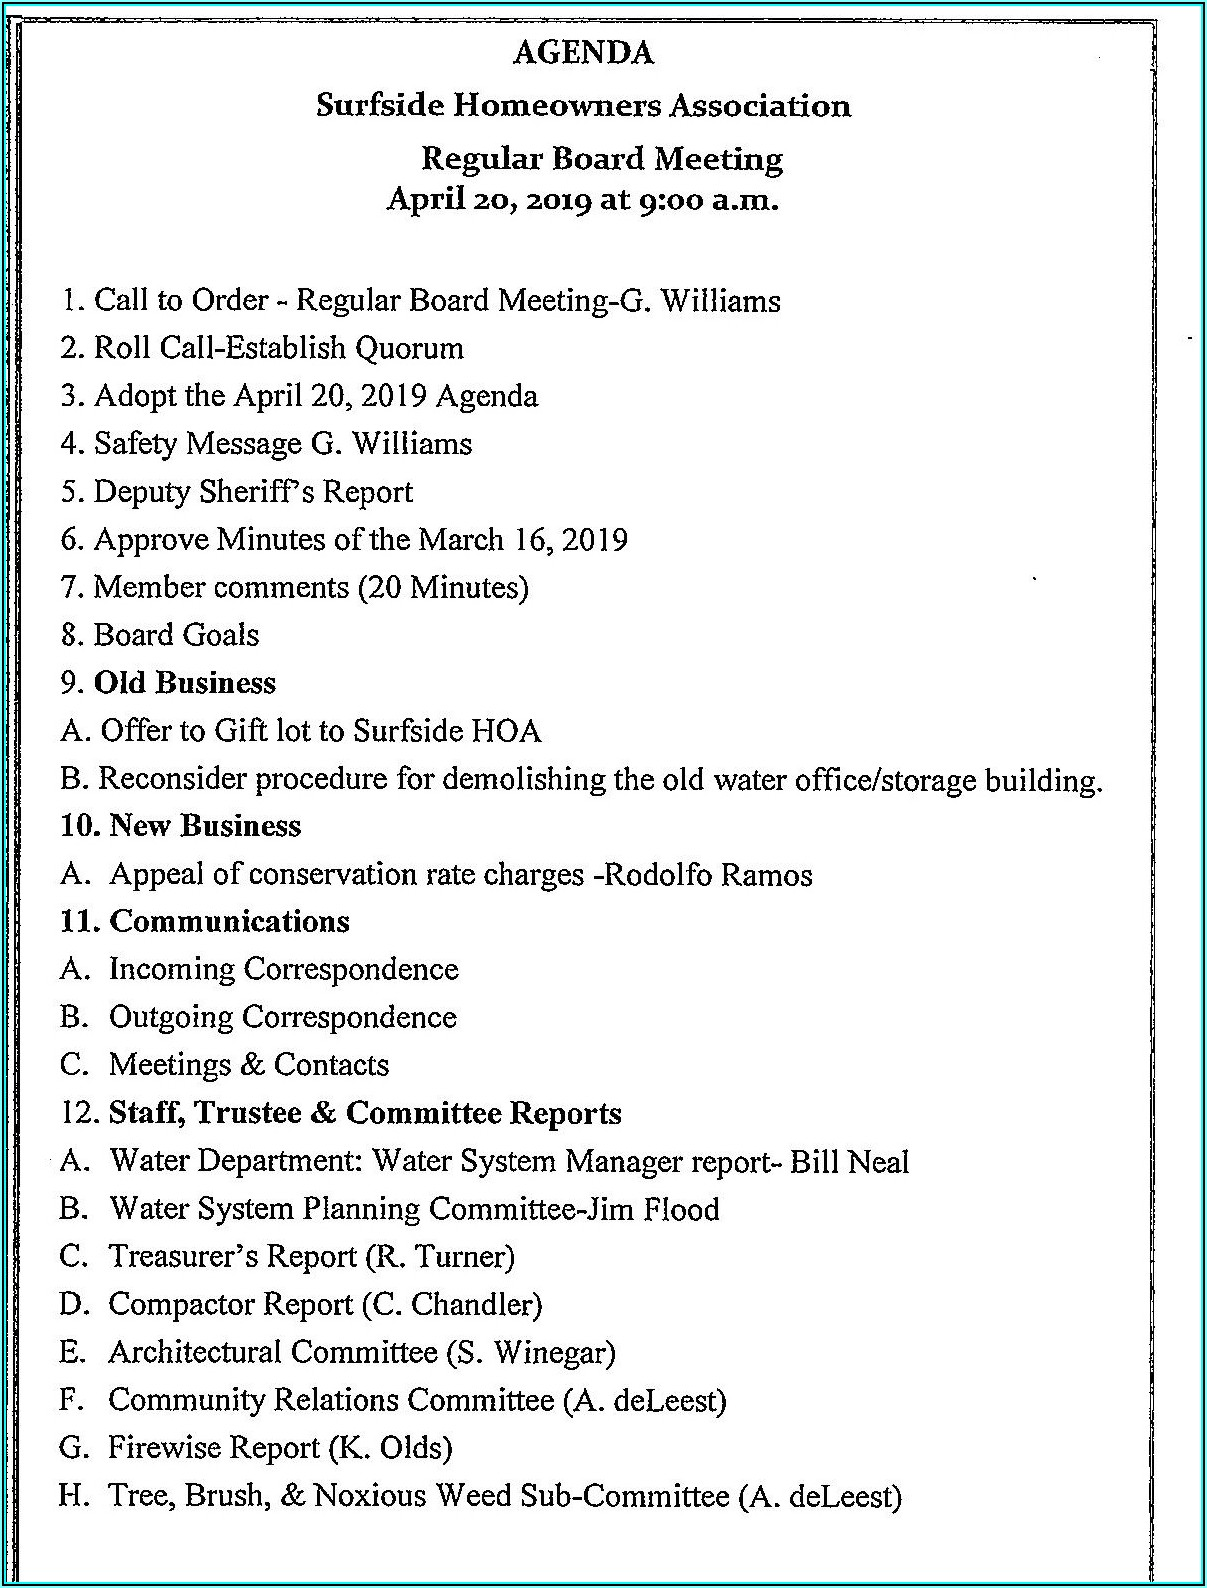 Condo Board Meeting Agenda Template